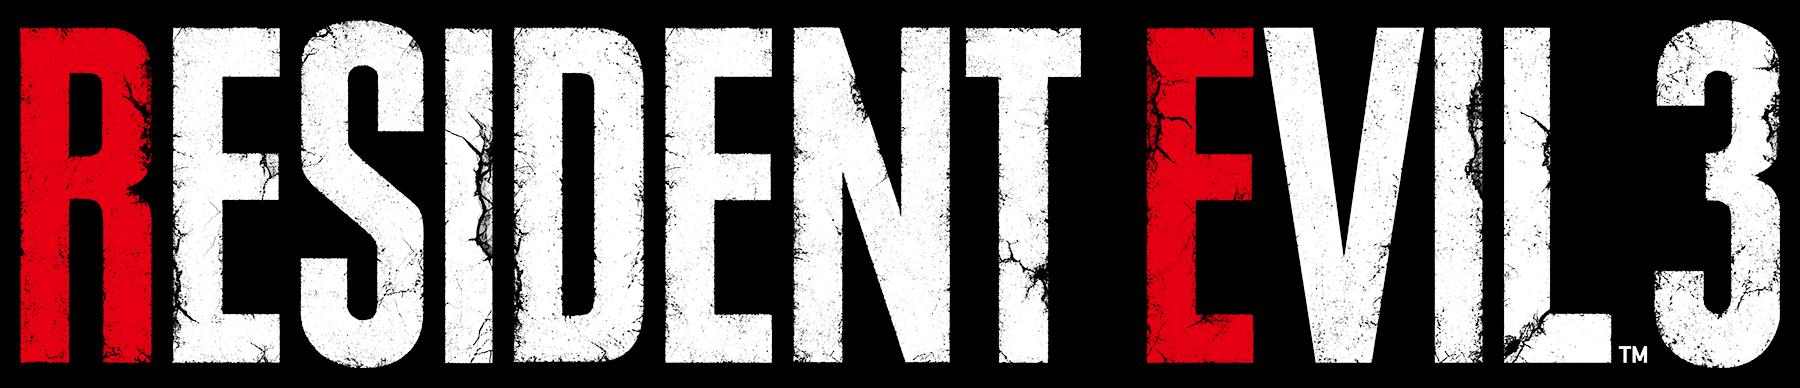 Достижения Resident Evil 3: Remake 16508331410f04907dfe57fc8ea13fc9